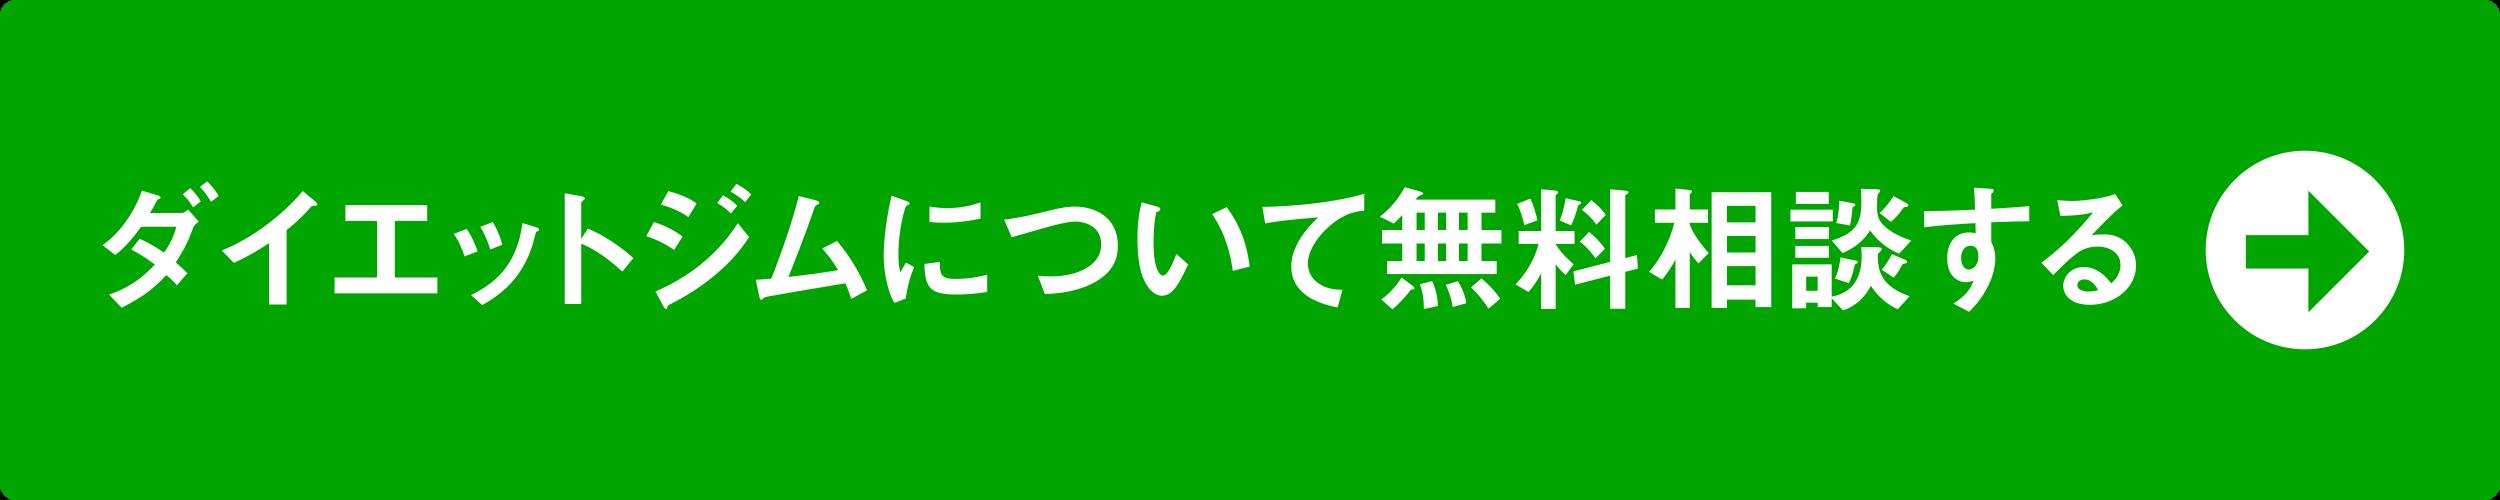 福島県のダイエットジム・パーソナルトレーニングの問い合わせボタン